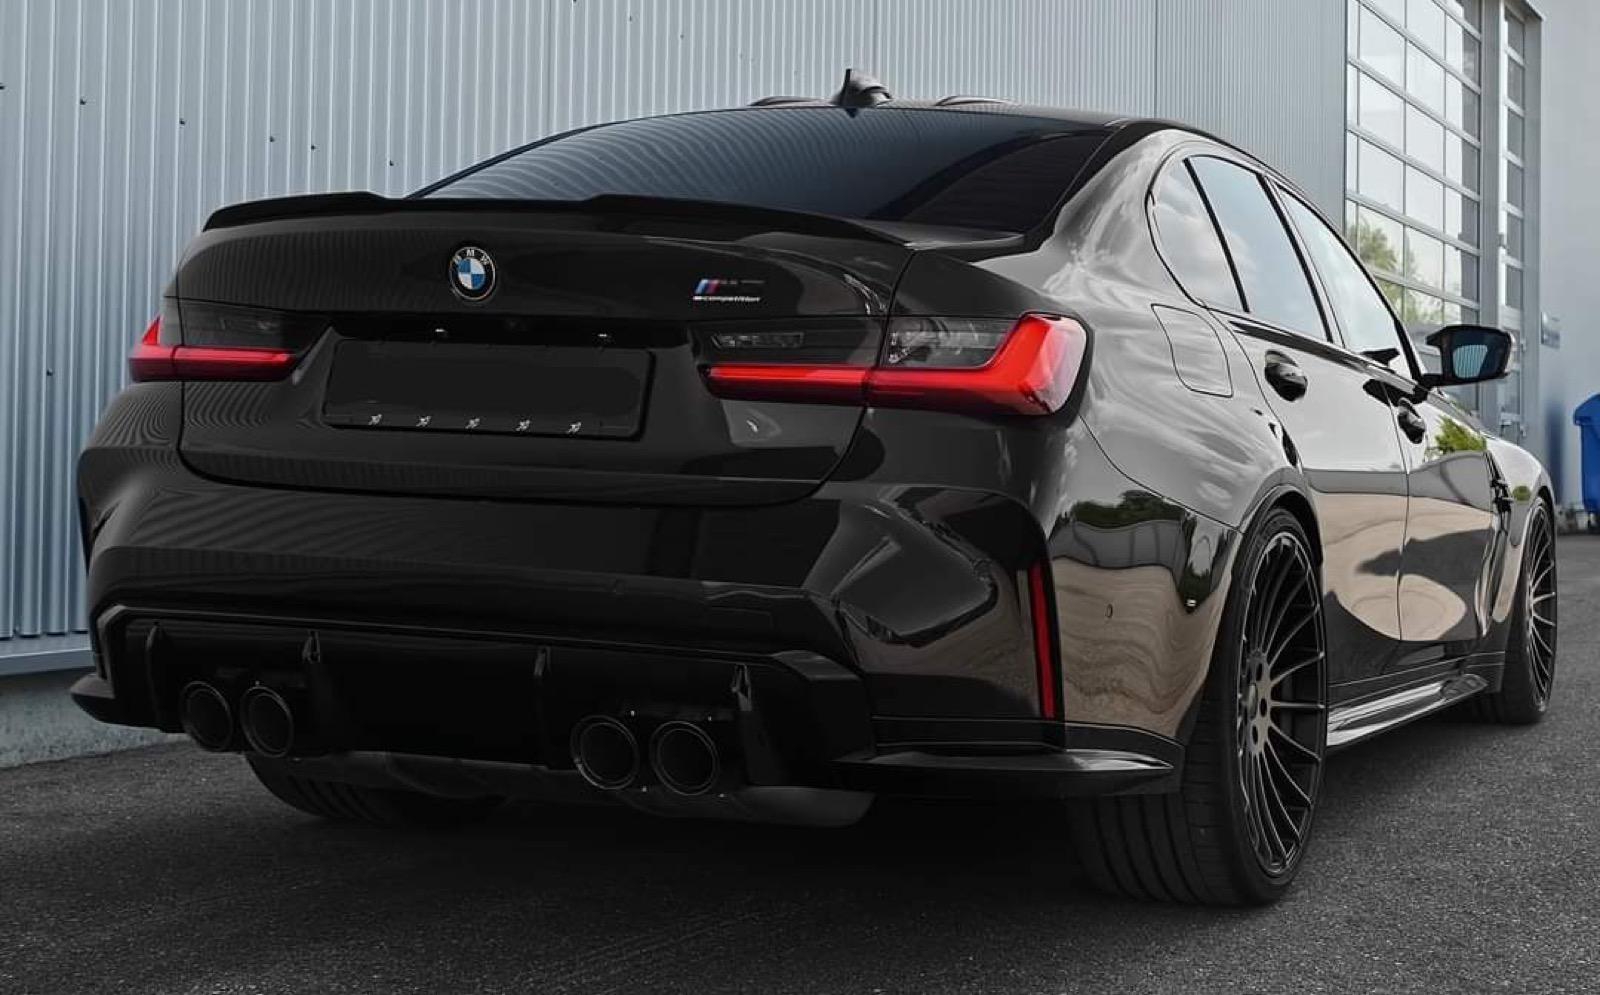 BMW-M3-by-Hamann-3